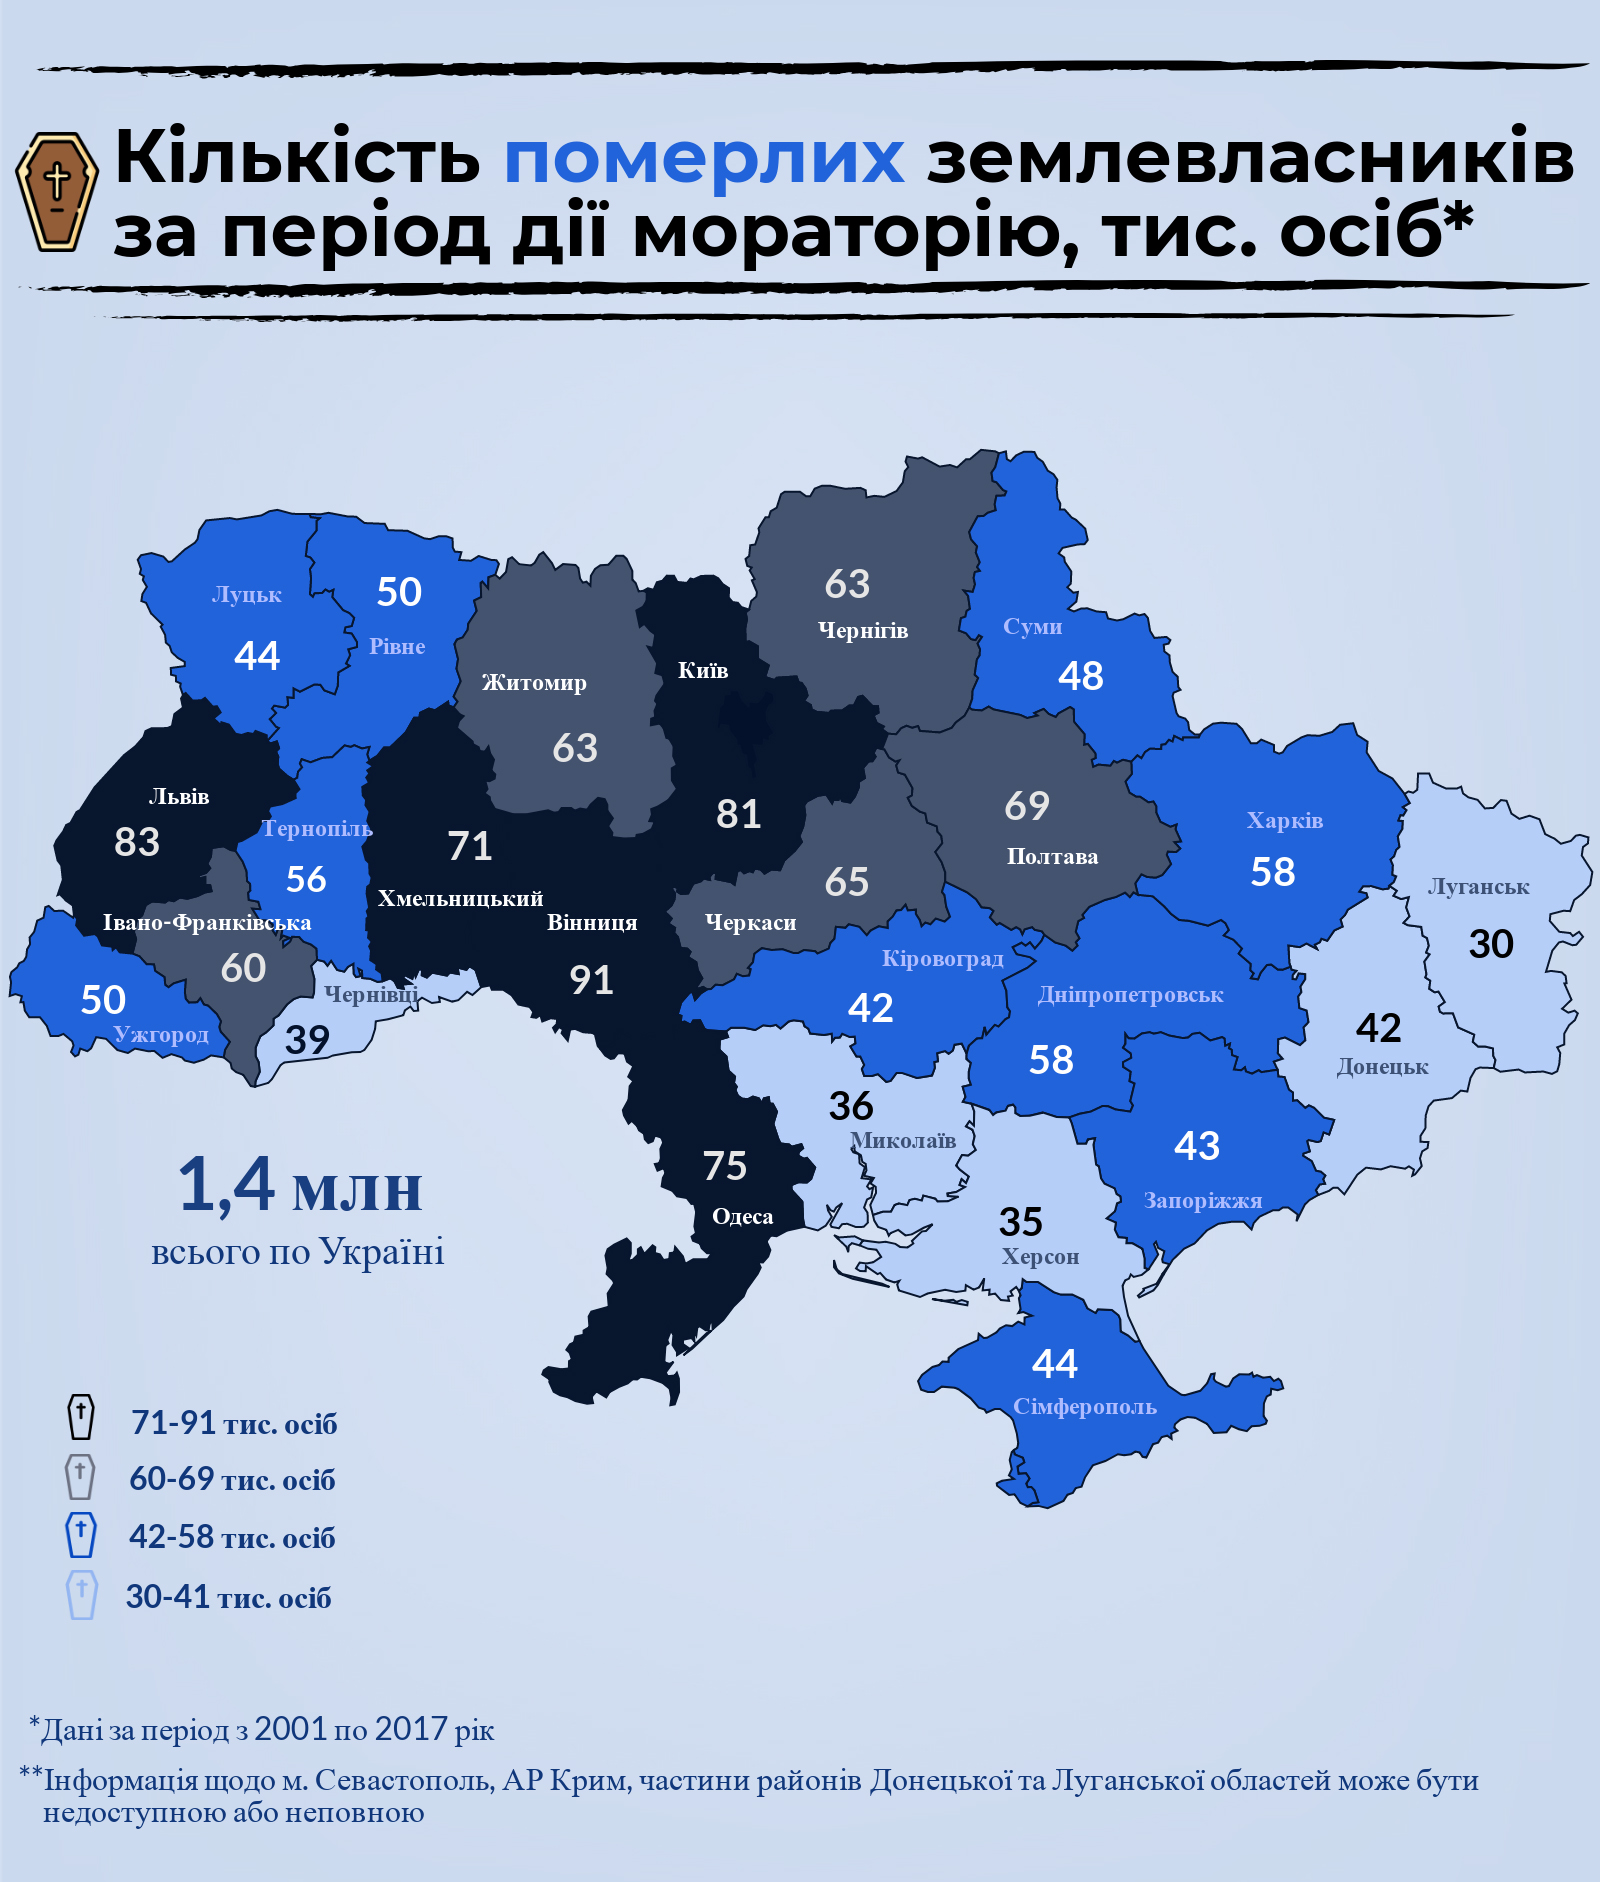 smertnist_vlasnykiv